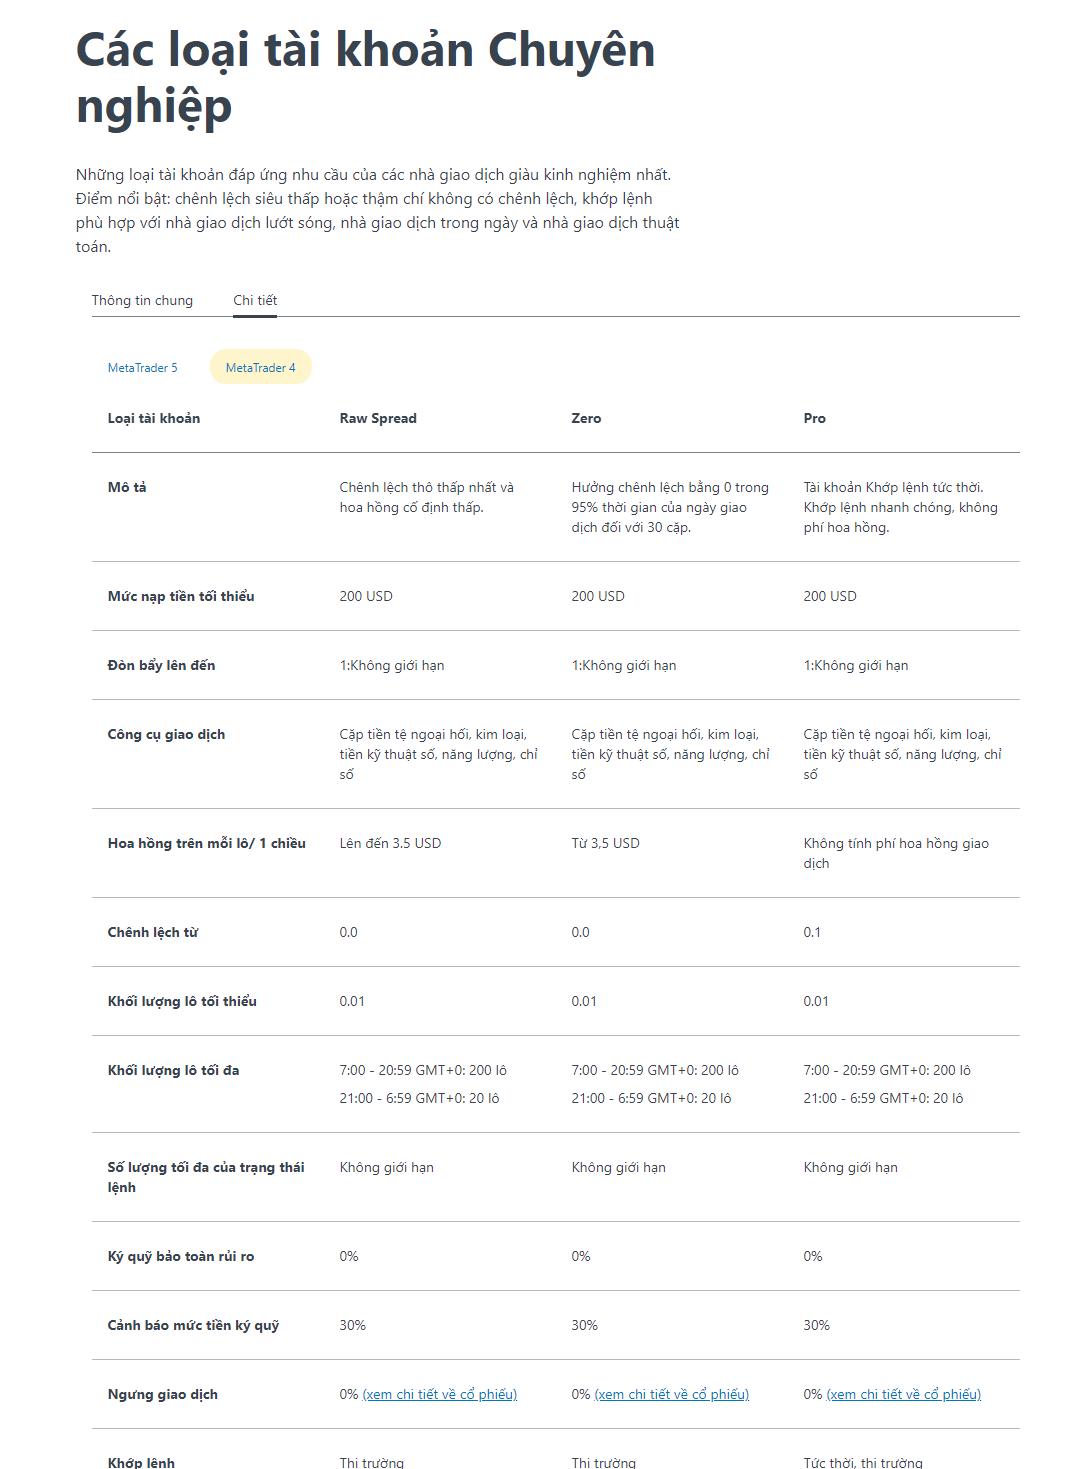 Thông tin chi tiết về Tài khoản Chuyên nghiệp.